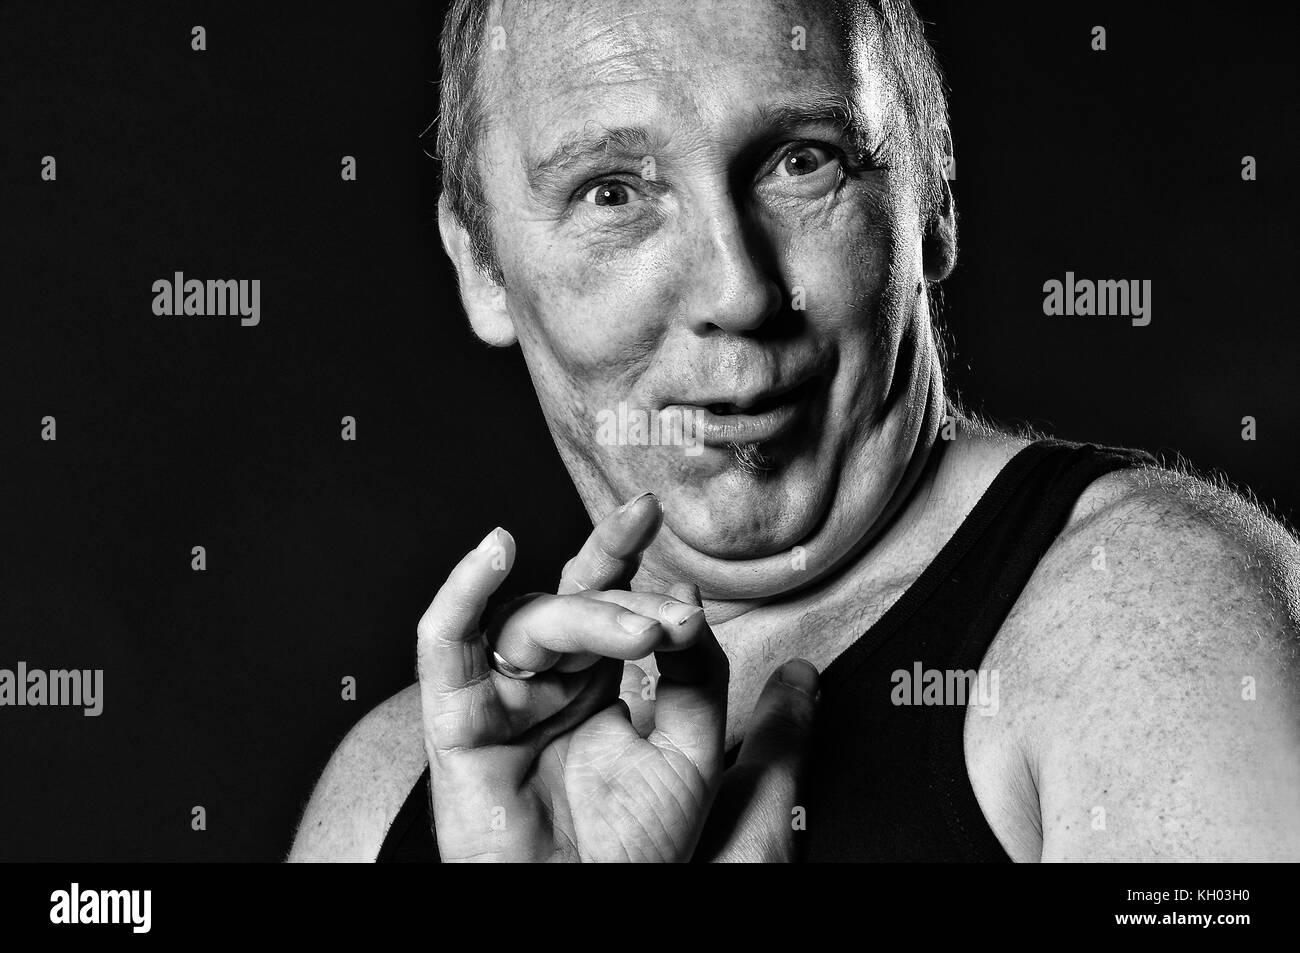 Portrait von einem Mann in Schwarz weis. Stock Photo